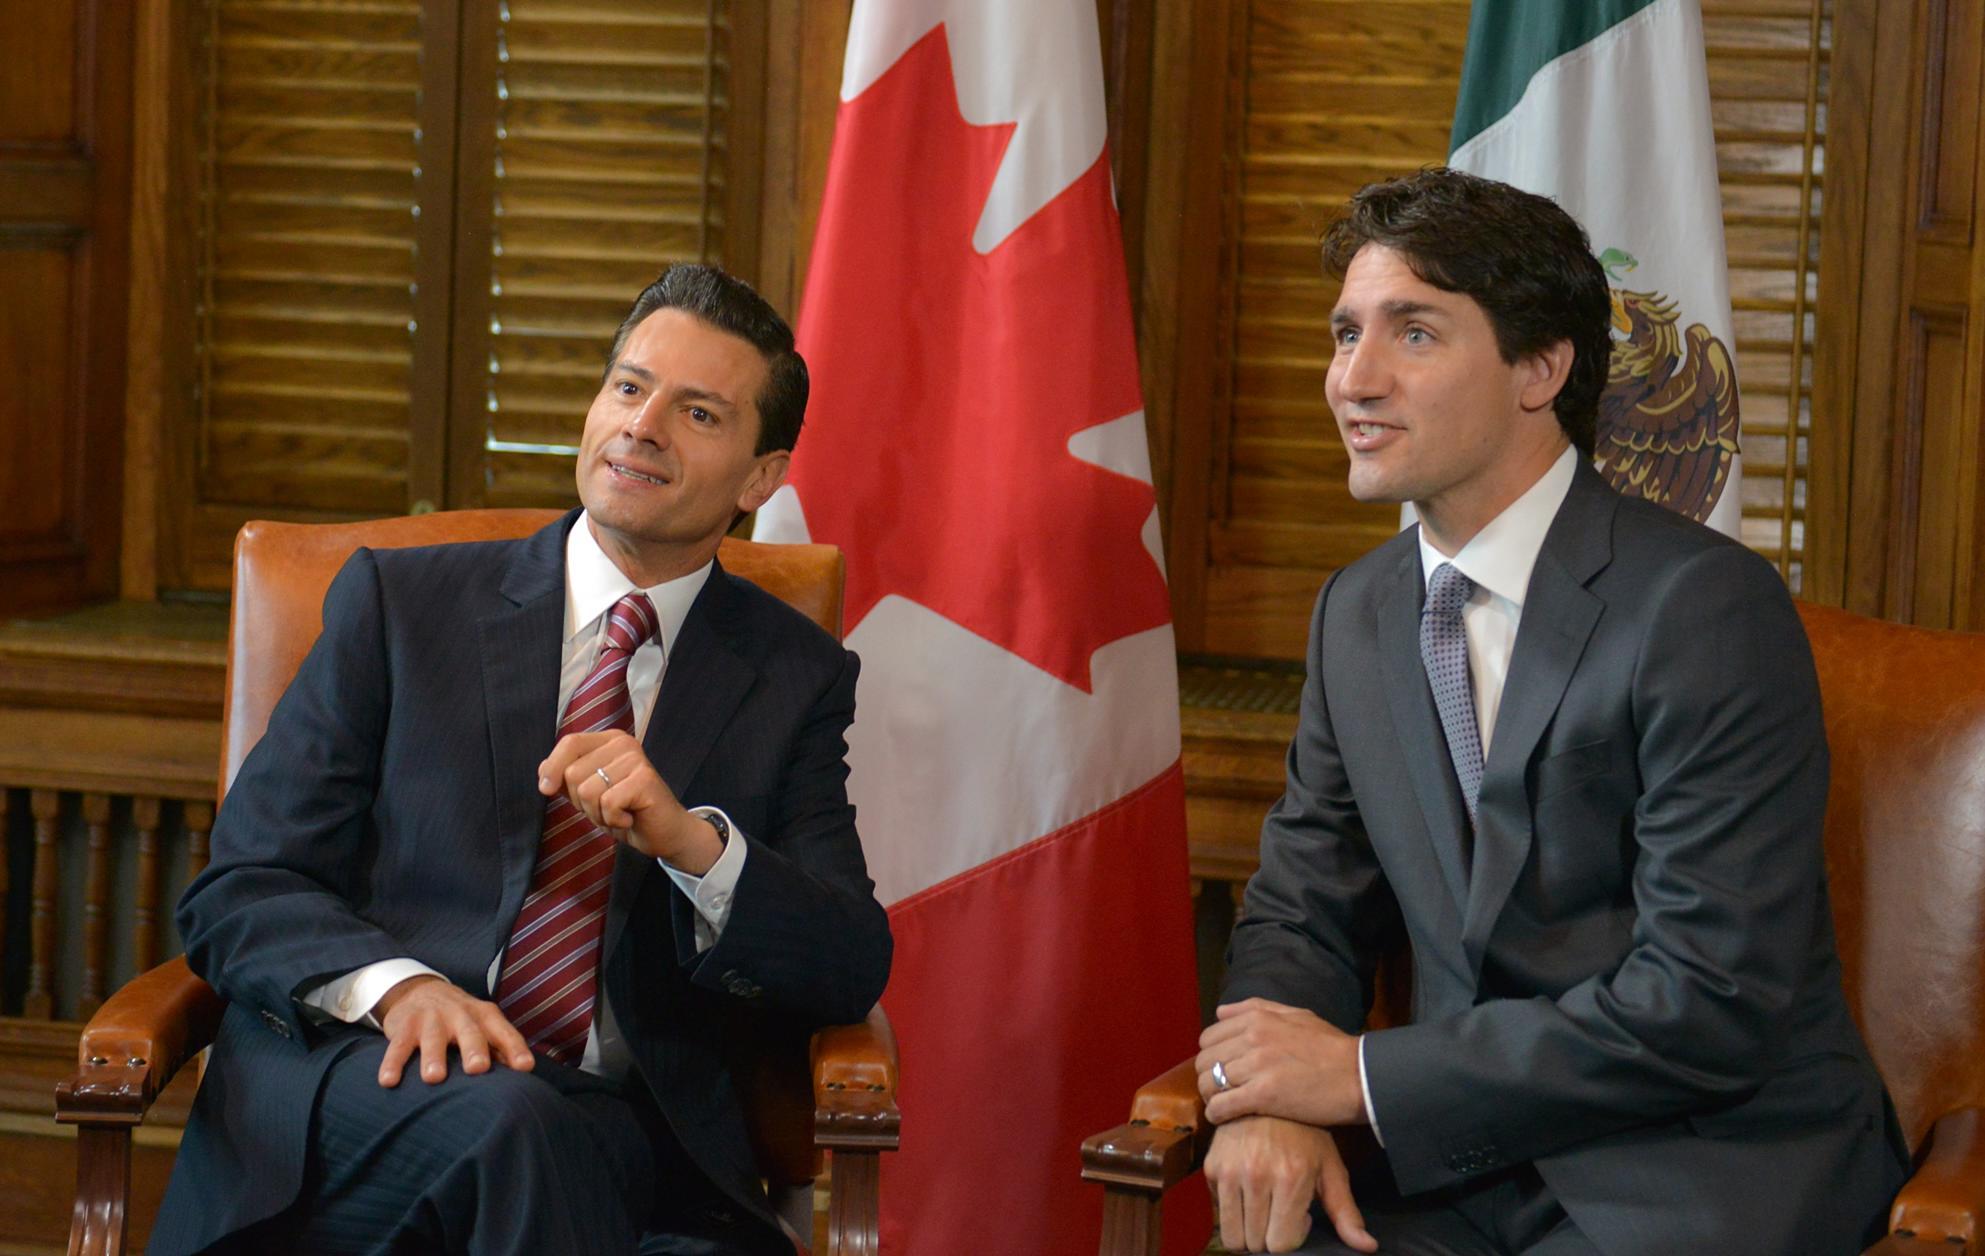 A partir del 1 de diciembre, y con la finalidad de facilitar los intercambios entre ambas naciones, Canadá eliminará el requisito de visa a los ciudadanos mexicanos.